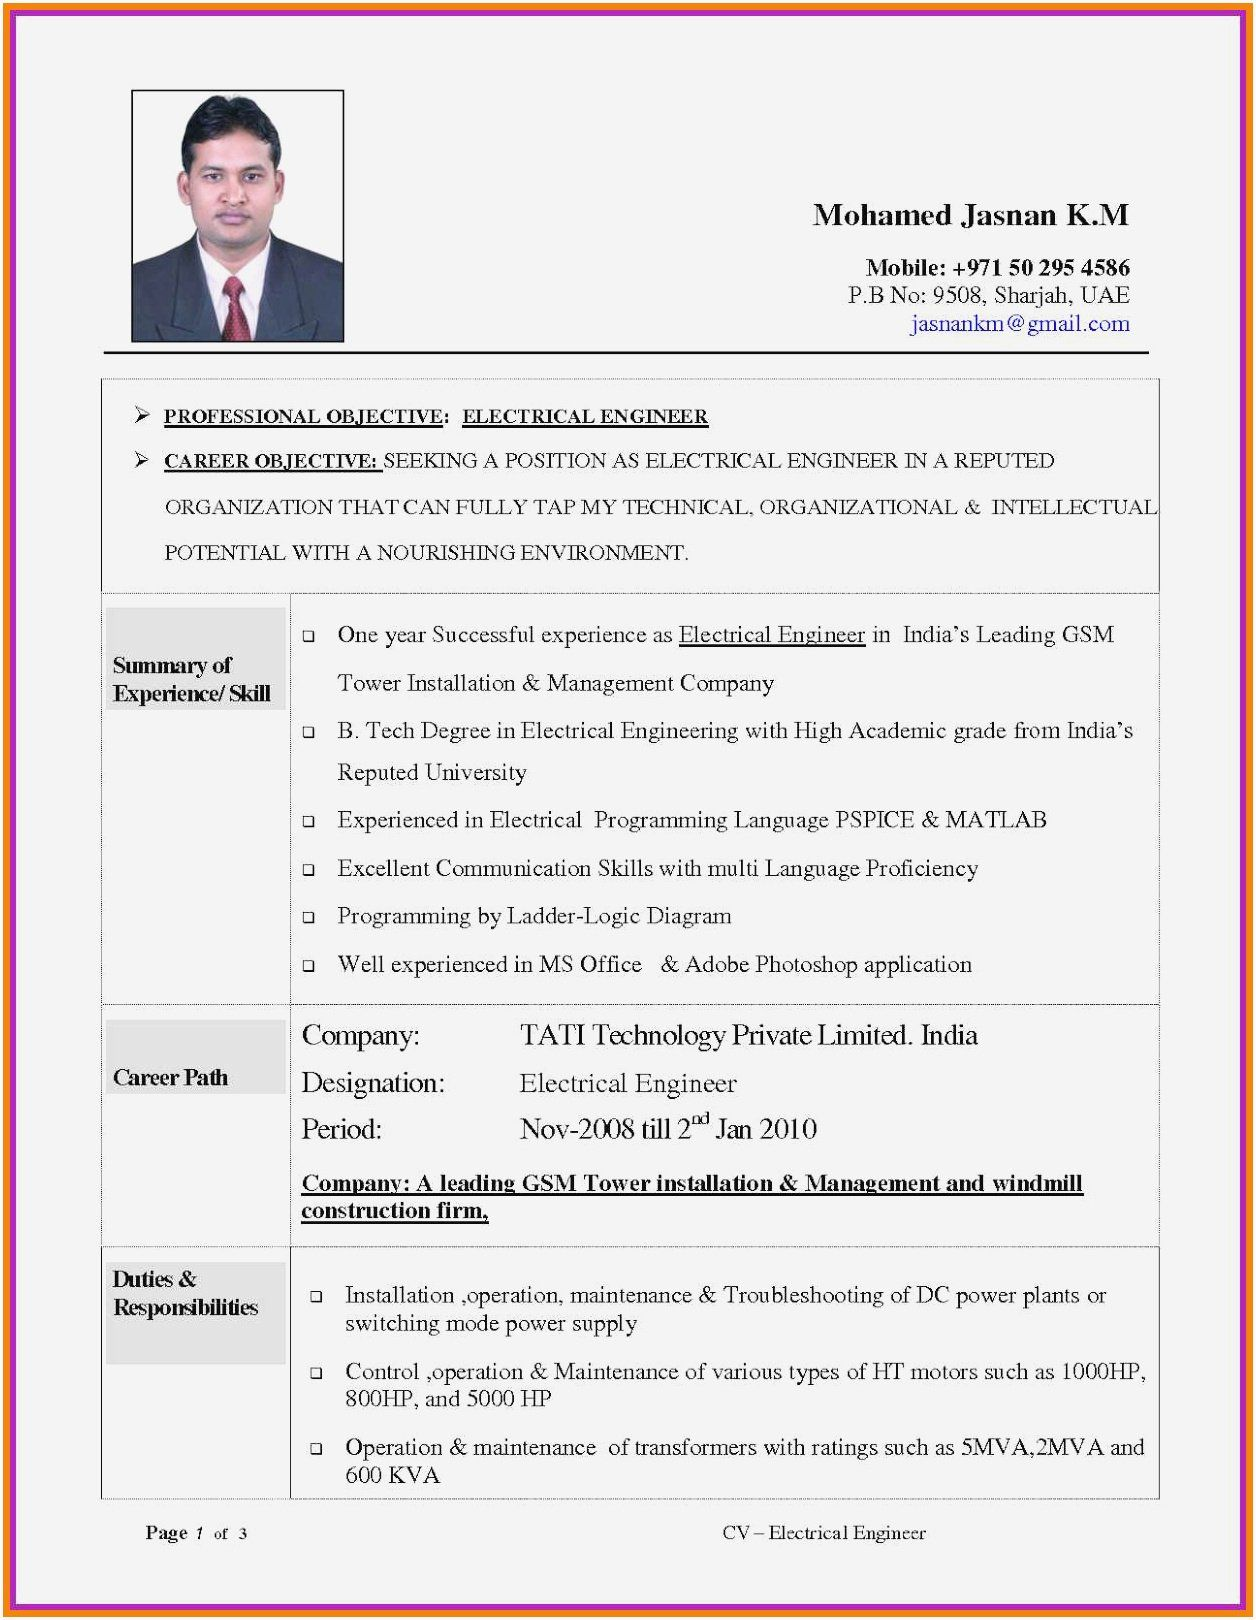 Electrical Engineering Resume Sample Luxury Resume Samples For Experienced Electrical Eng Engineering Resume Engineering Resume Templates Resume Format In Word